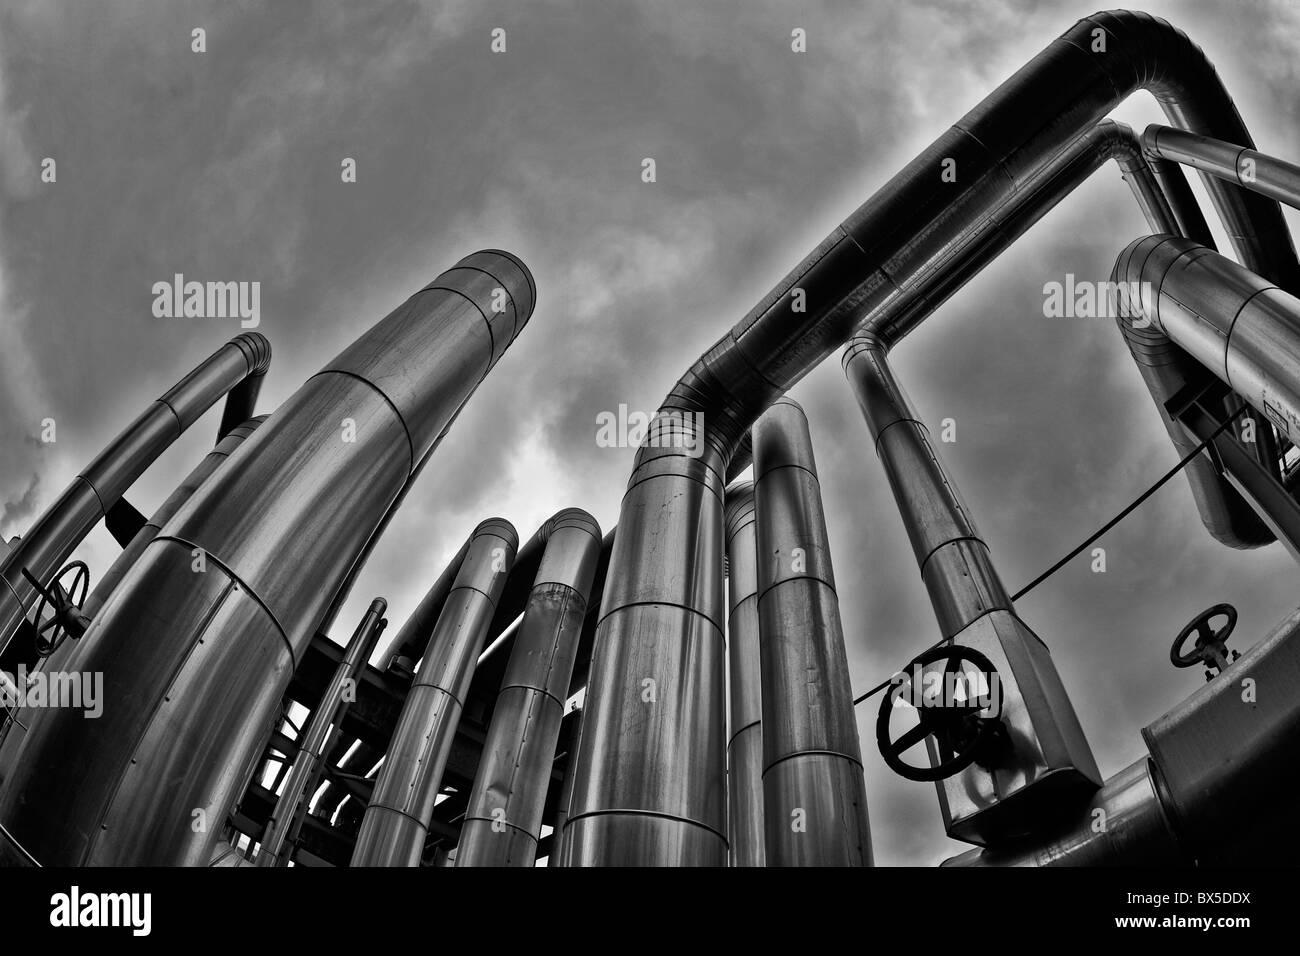 Tomadas en una instalación geotérmica imagen tomada en color y pasa a B&W Imagen De Stock